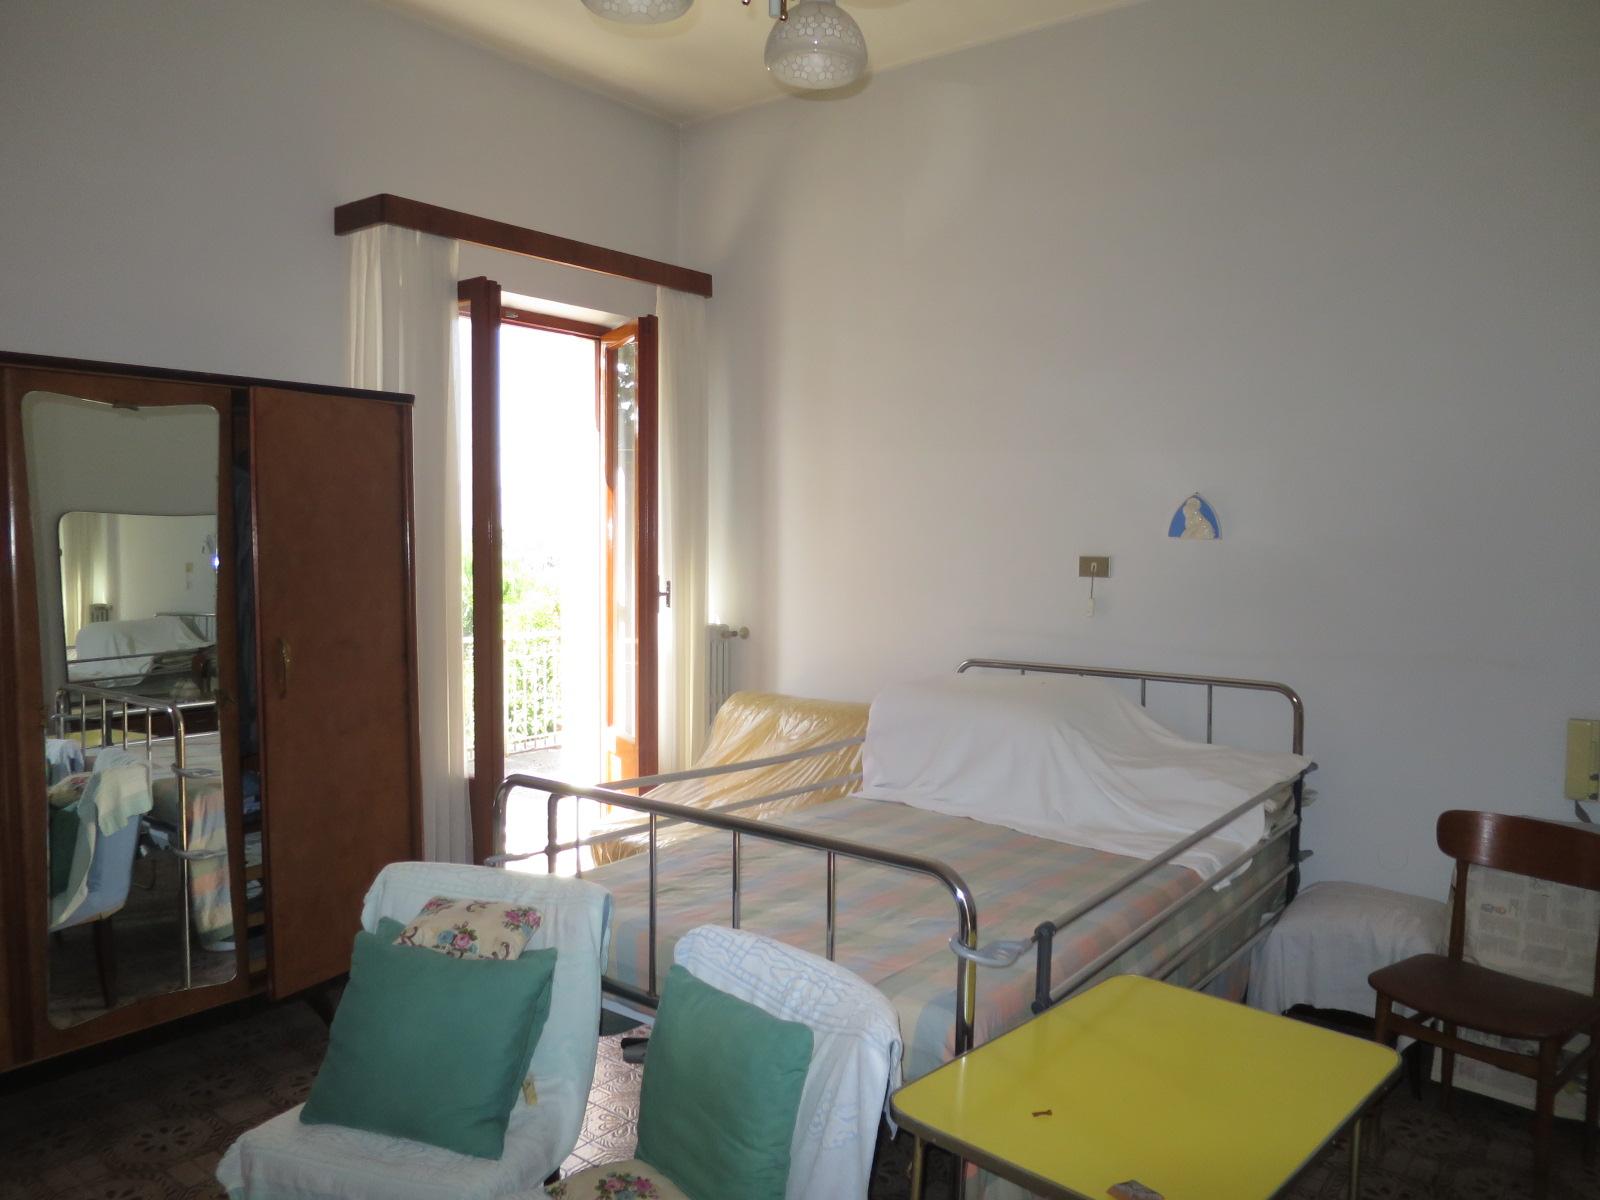 Villa Villa for sale Roseto degli Abruzzi (TE), Villa del Marinaio - Roseto degli Abruzzi - EUR 385.559 630